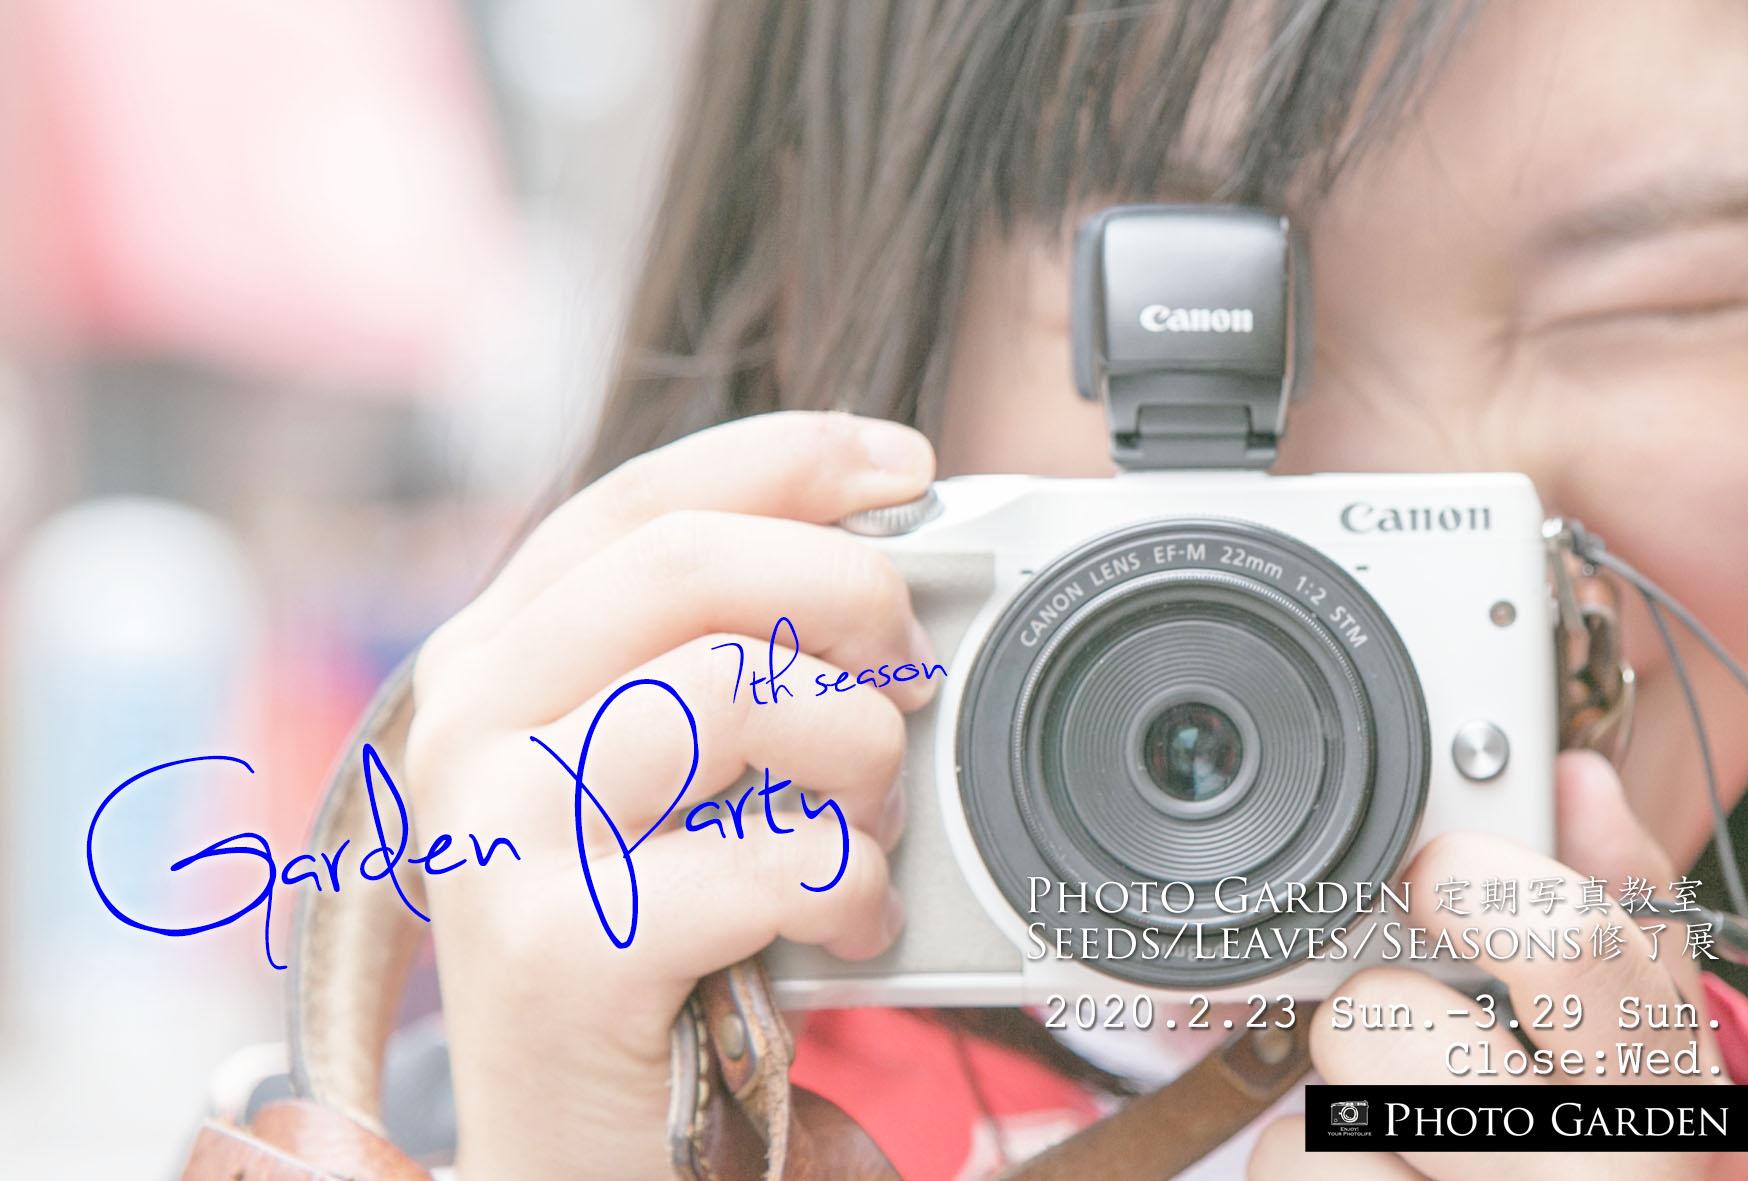 """PHOTO GARDEN定期写真教室 修了展""""Garden Party 7th season"""""""